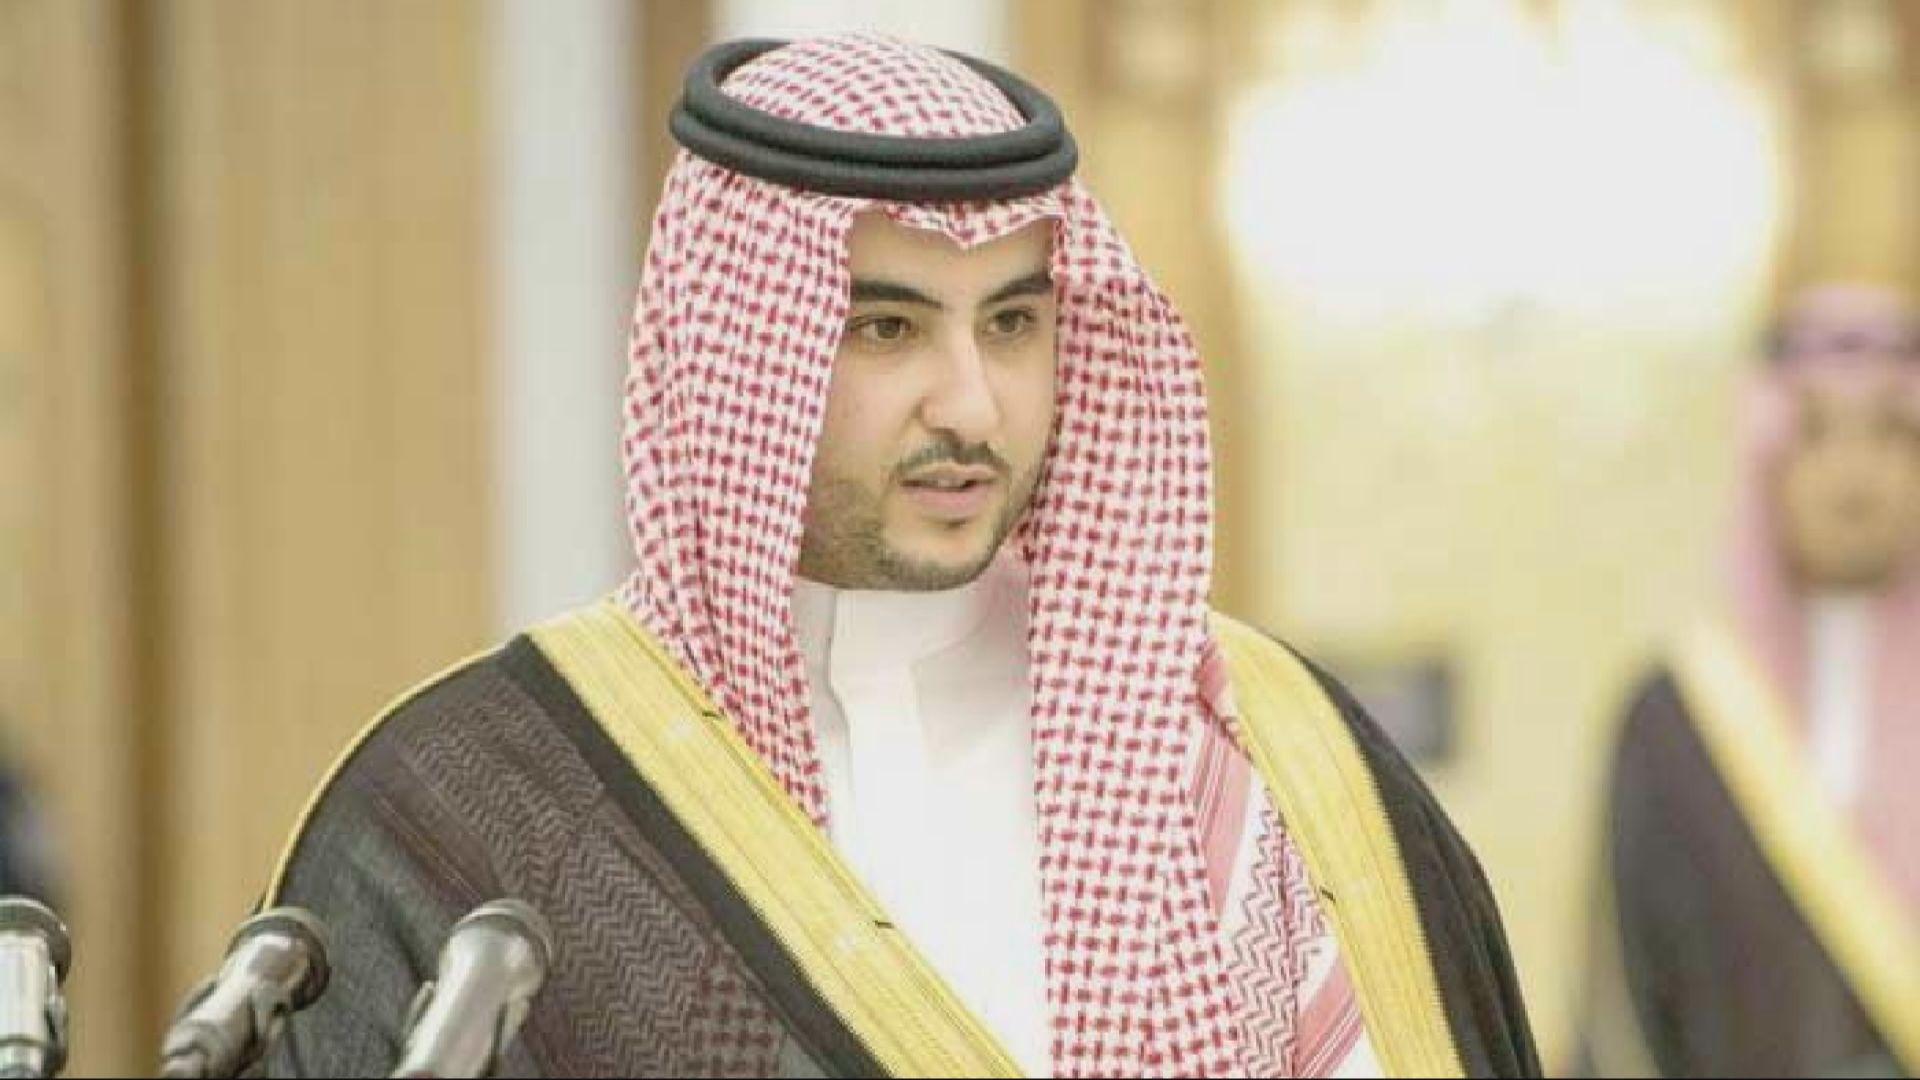 中情局指沙特王儲下令殺死卡舒吉